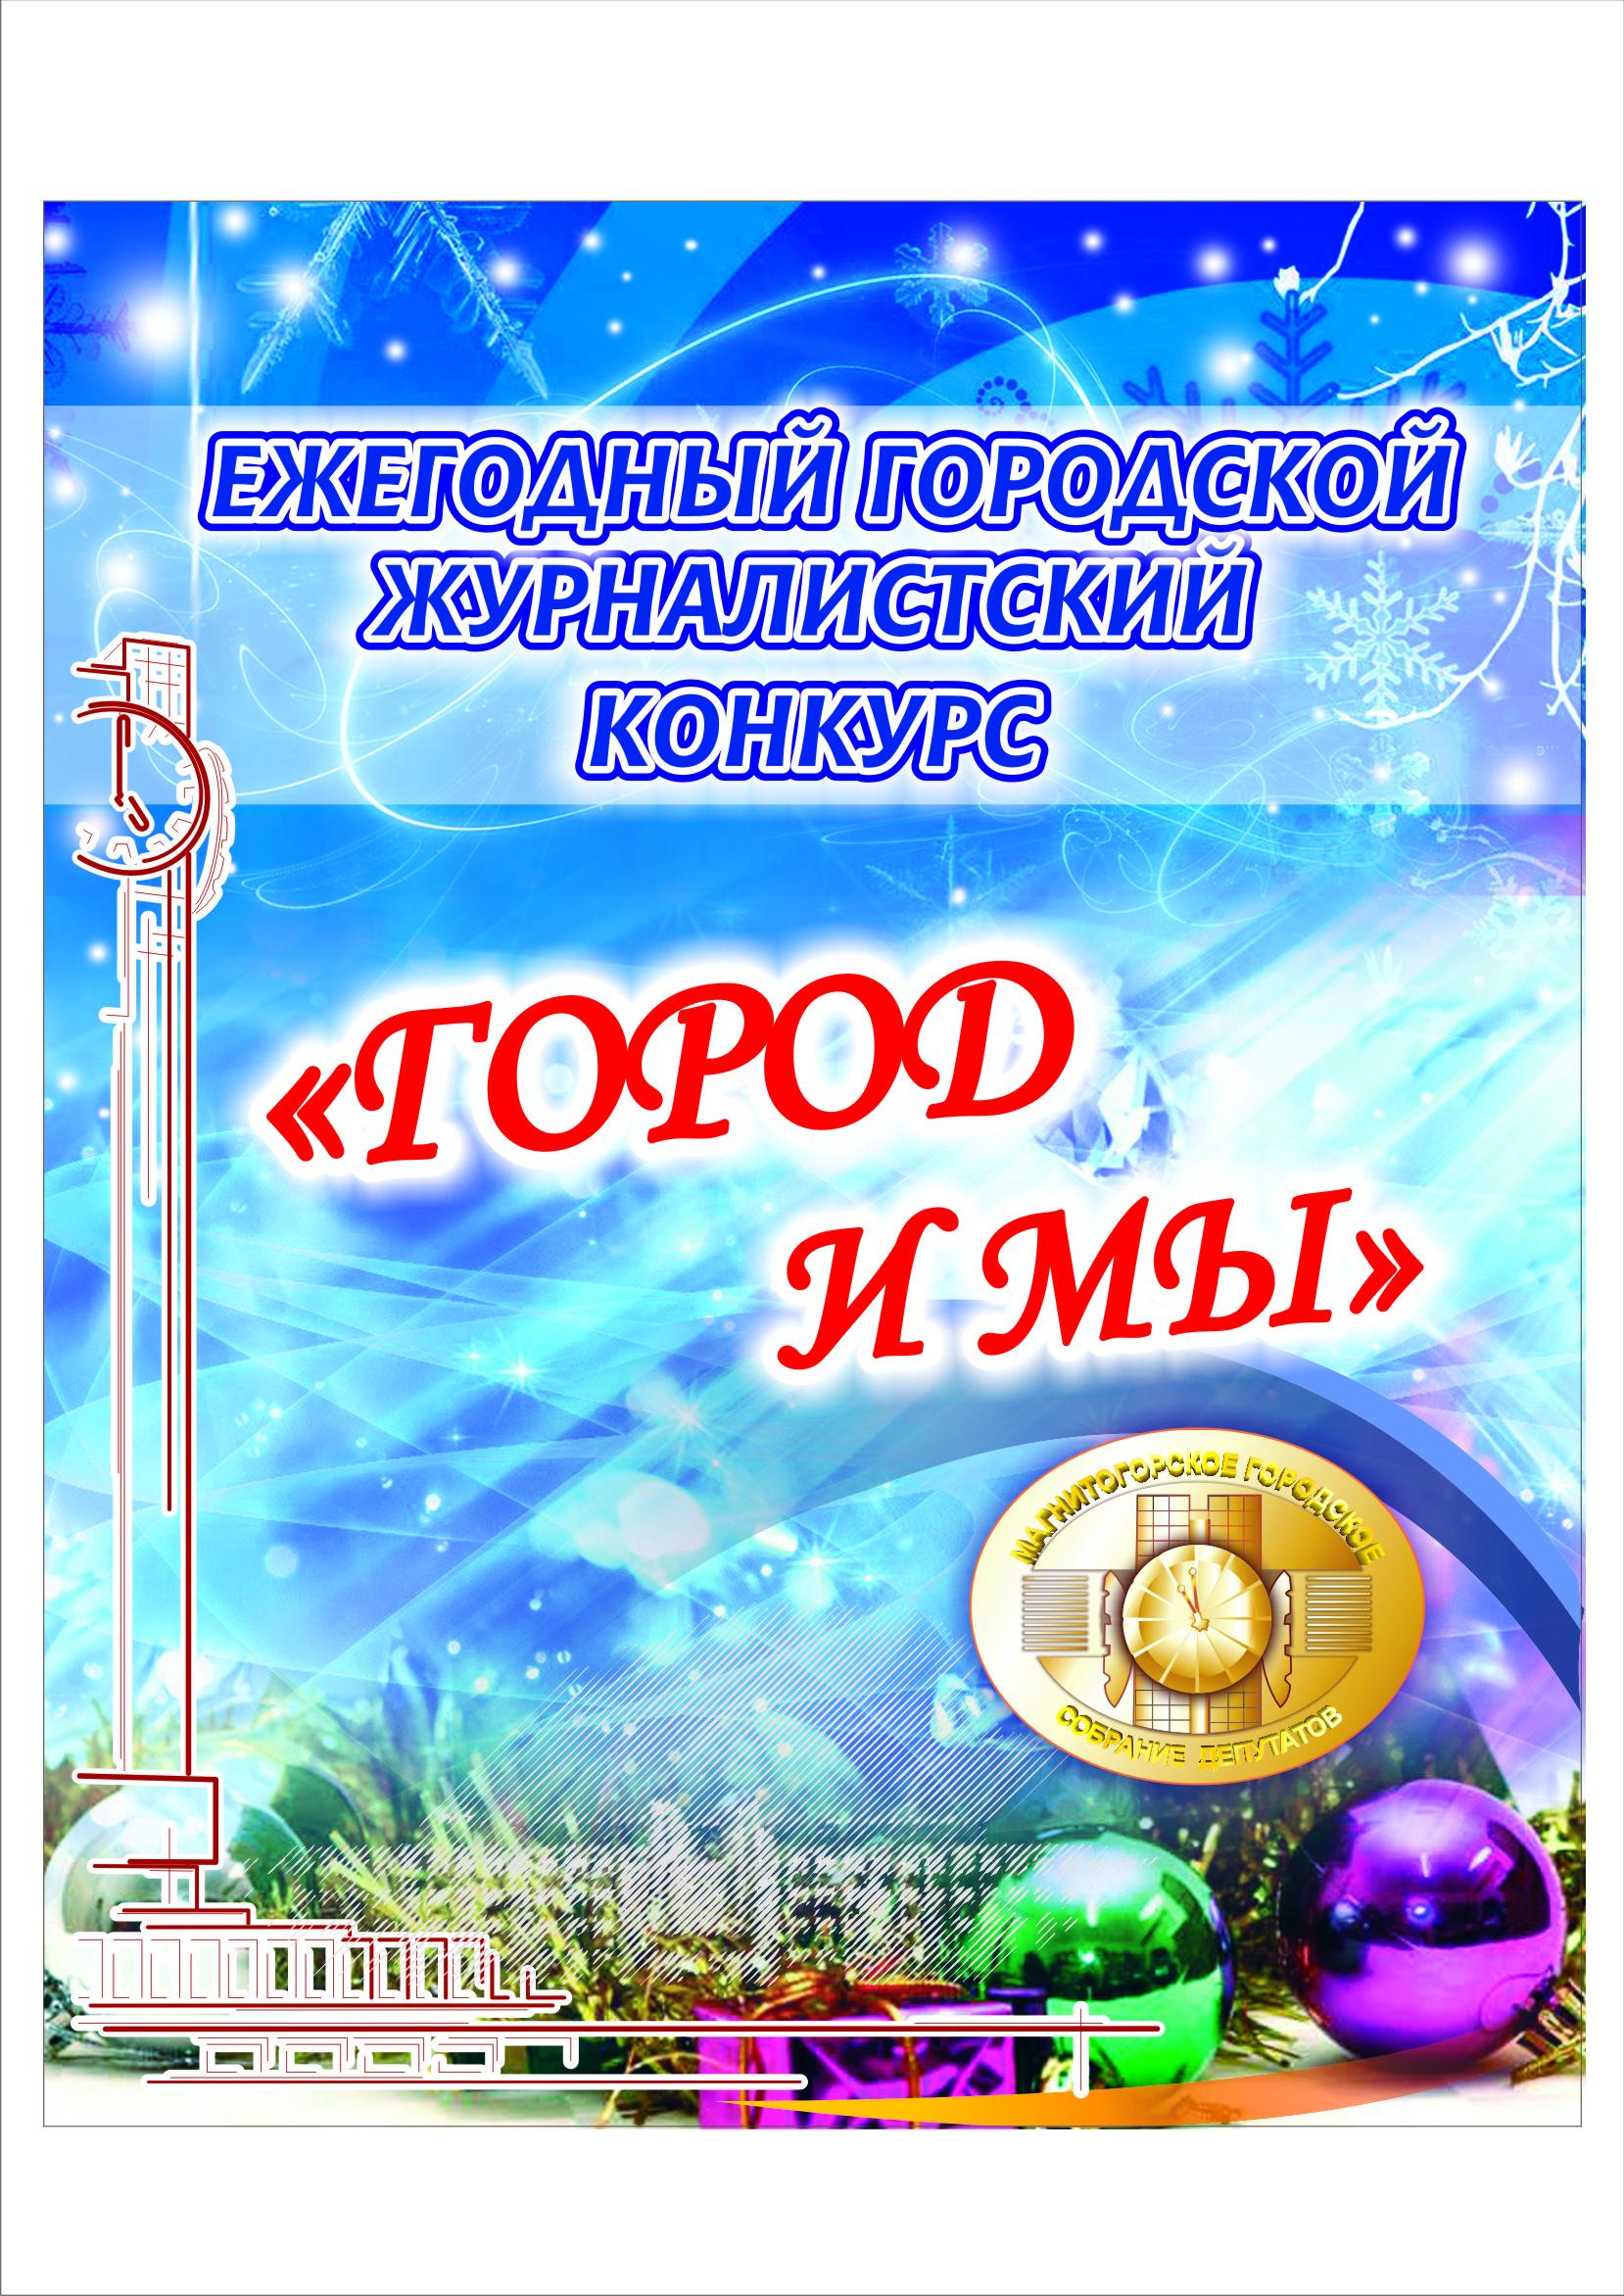 По словам председателя Собрания Александра Морозова, этот конкурс был и остается